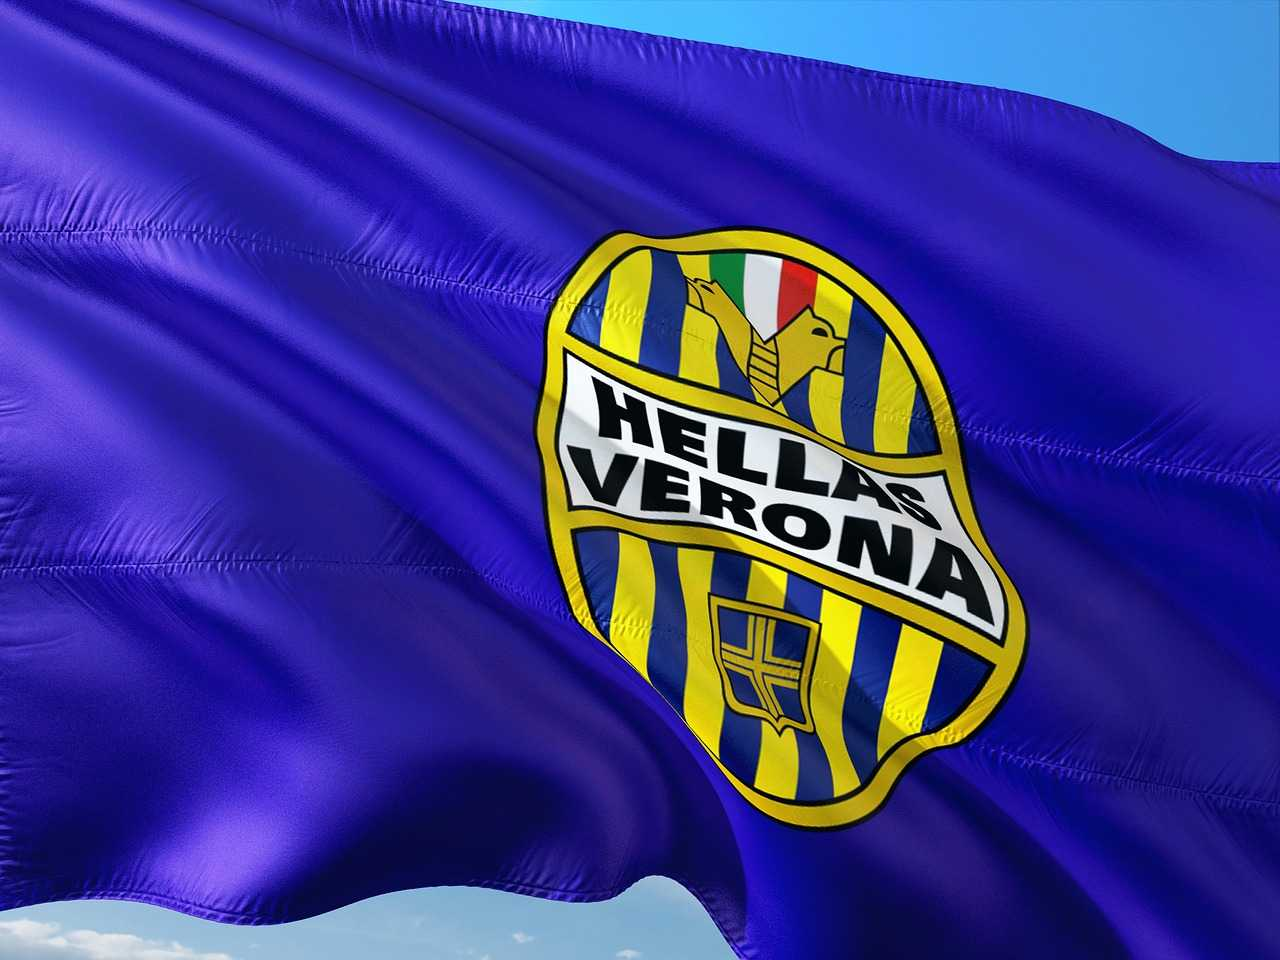 Serie A, Hellas Verona-Torino, DIRETTA LIVE (1-1): pari